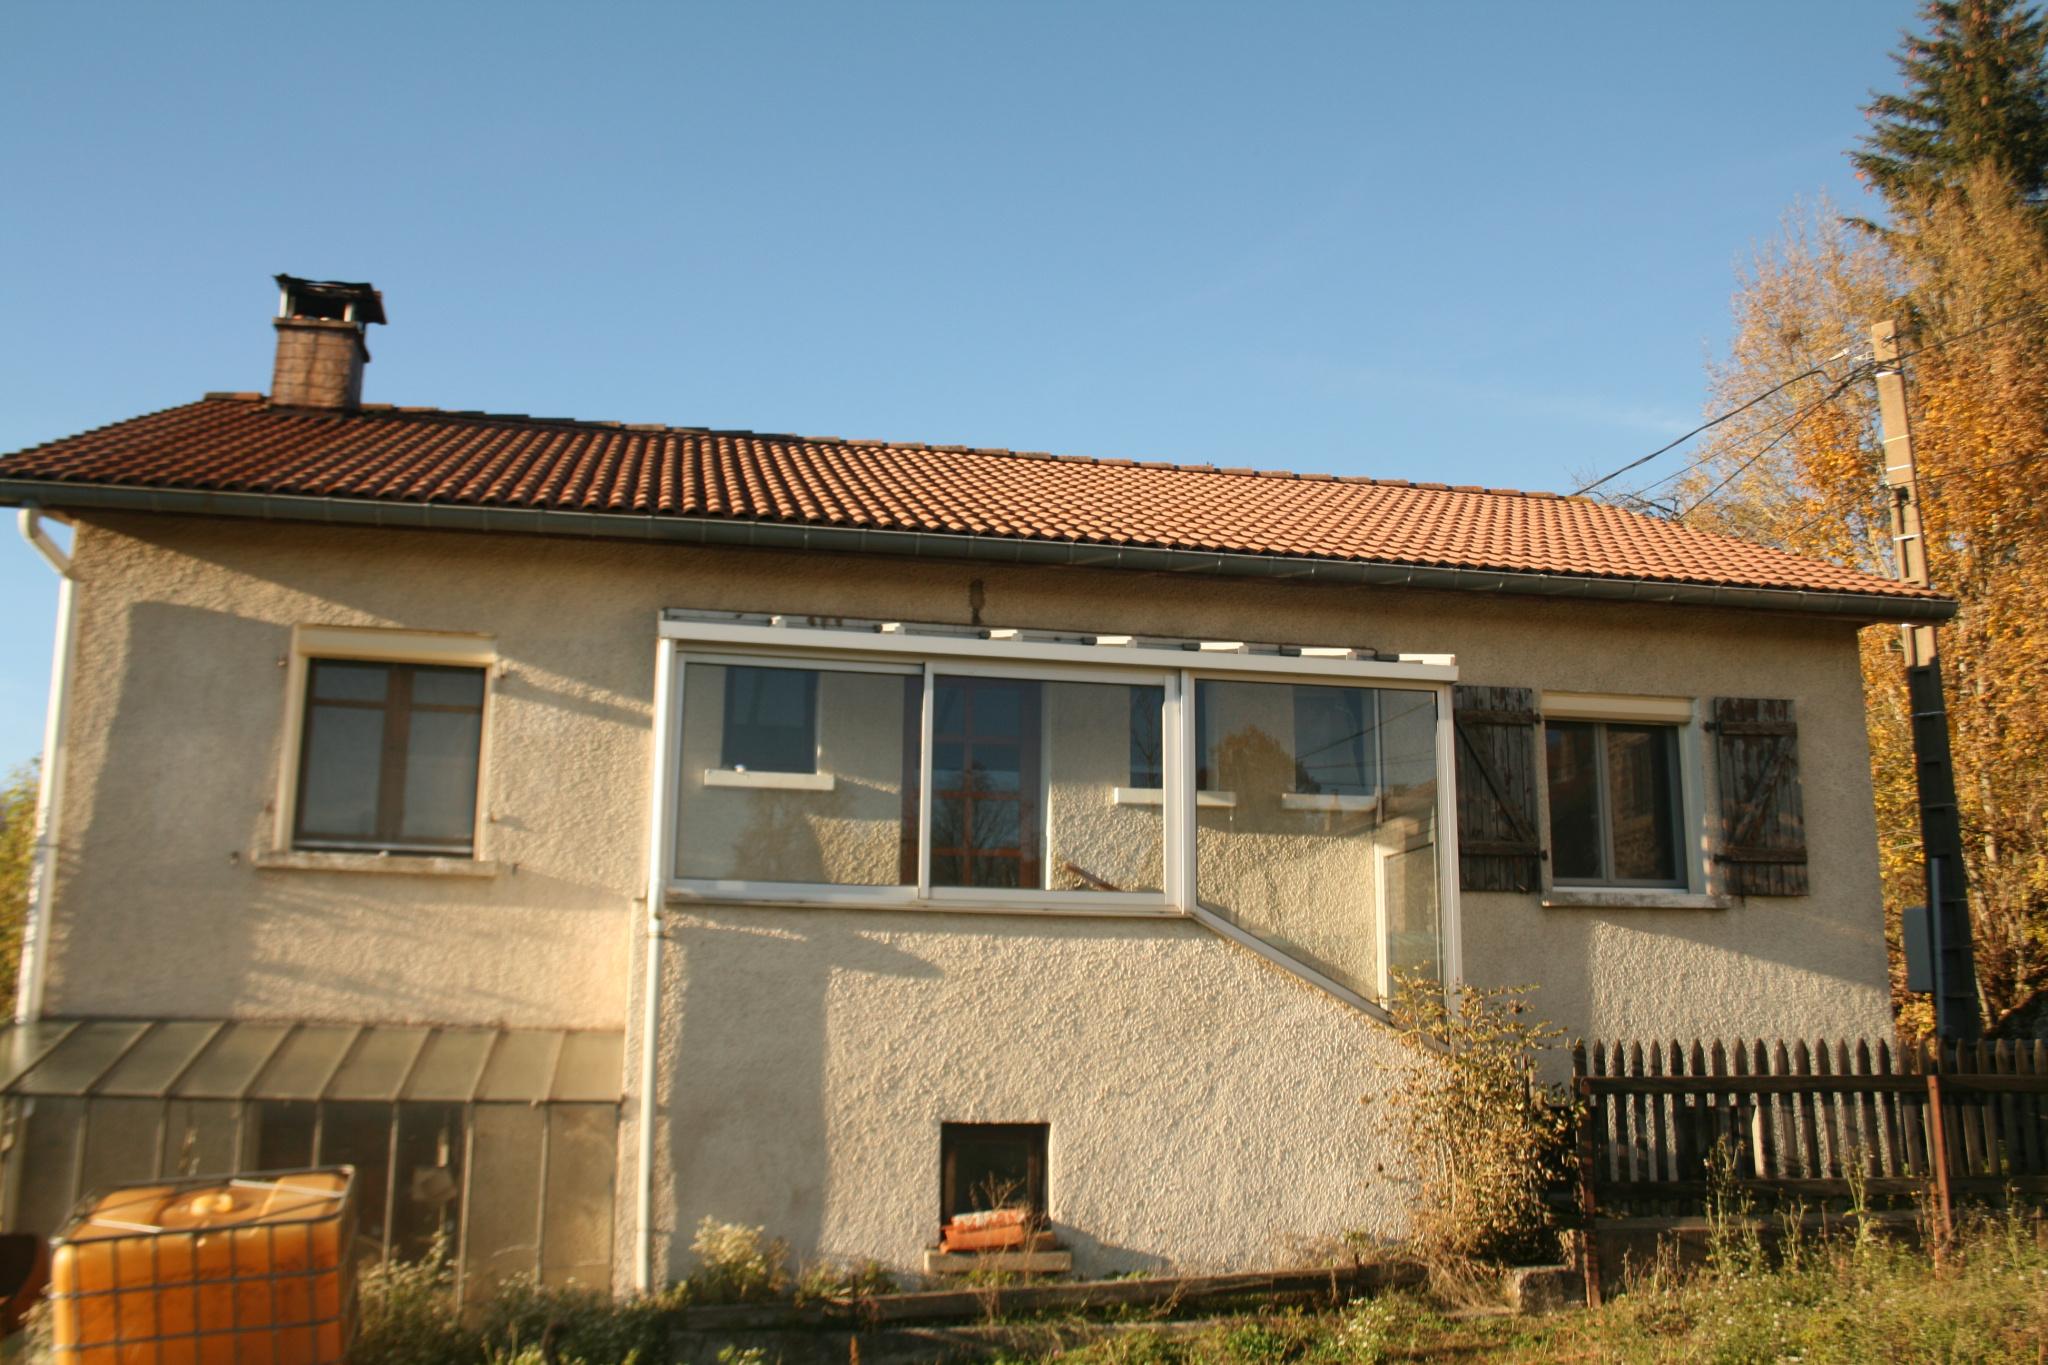 Maison de Village 85m2 habitable et terrain attenant